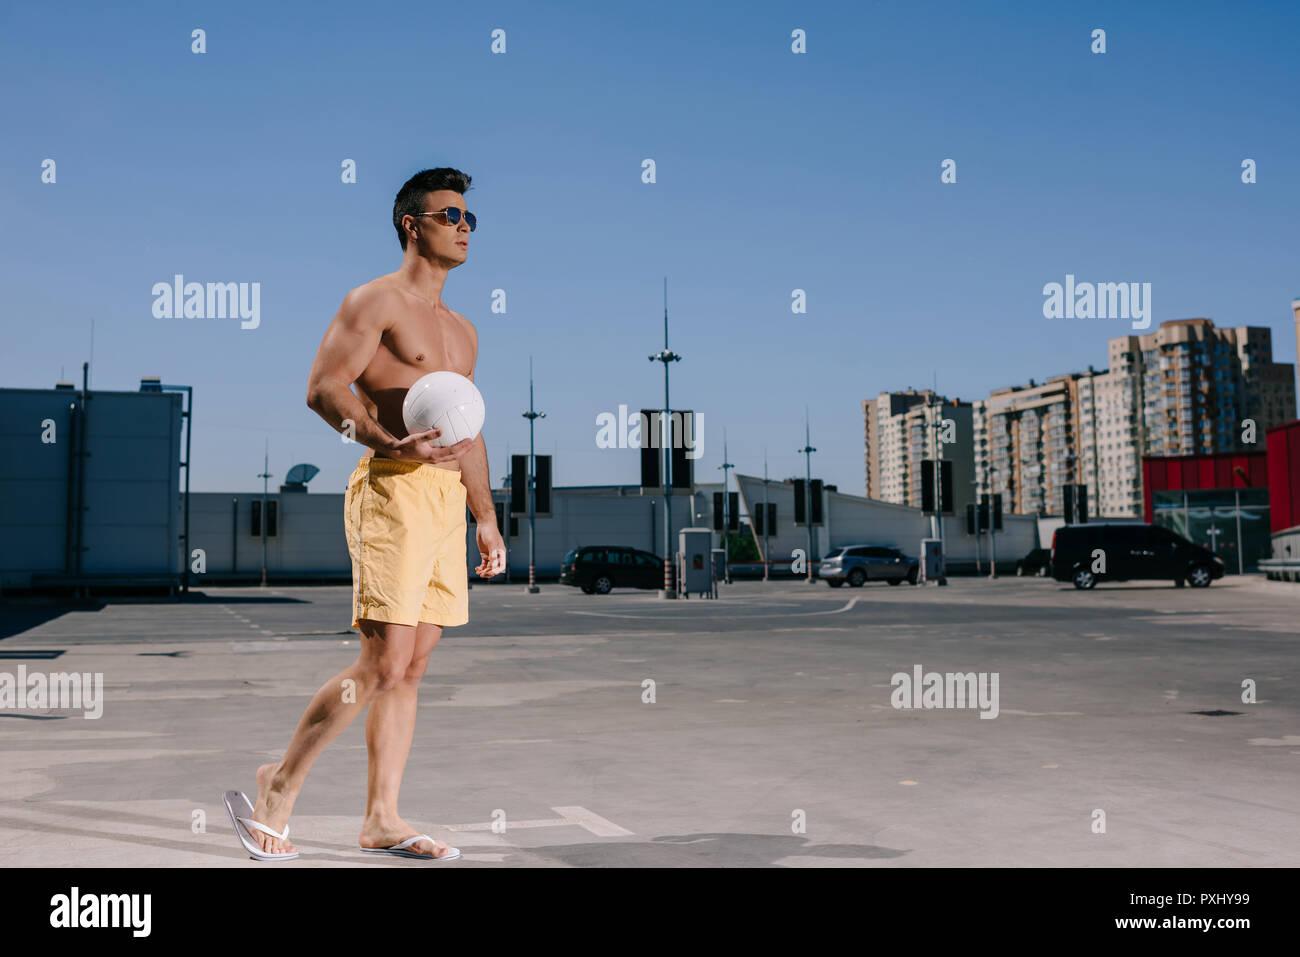 Descamisados hombre con voleibol ball en aparcamiento Imagen De Stock